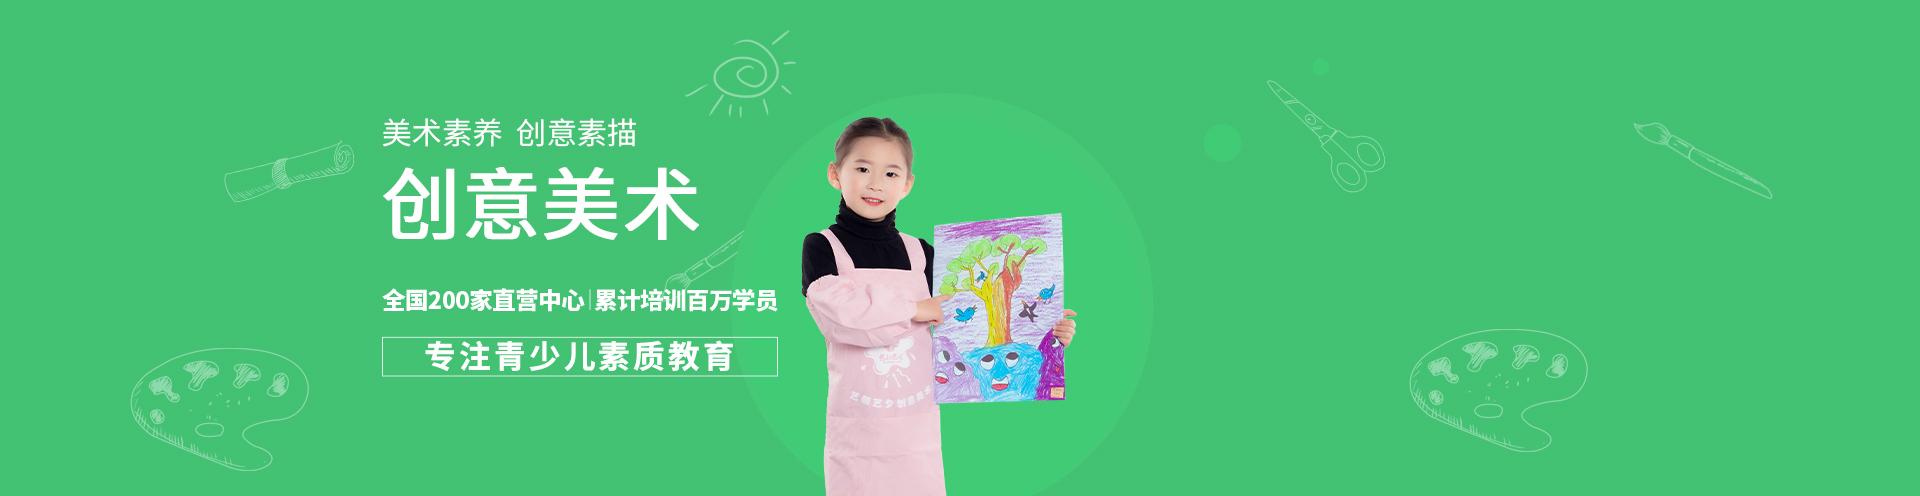 苏州艺朝艺夕创意美术